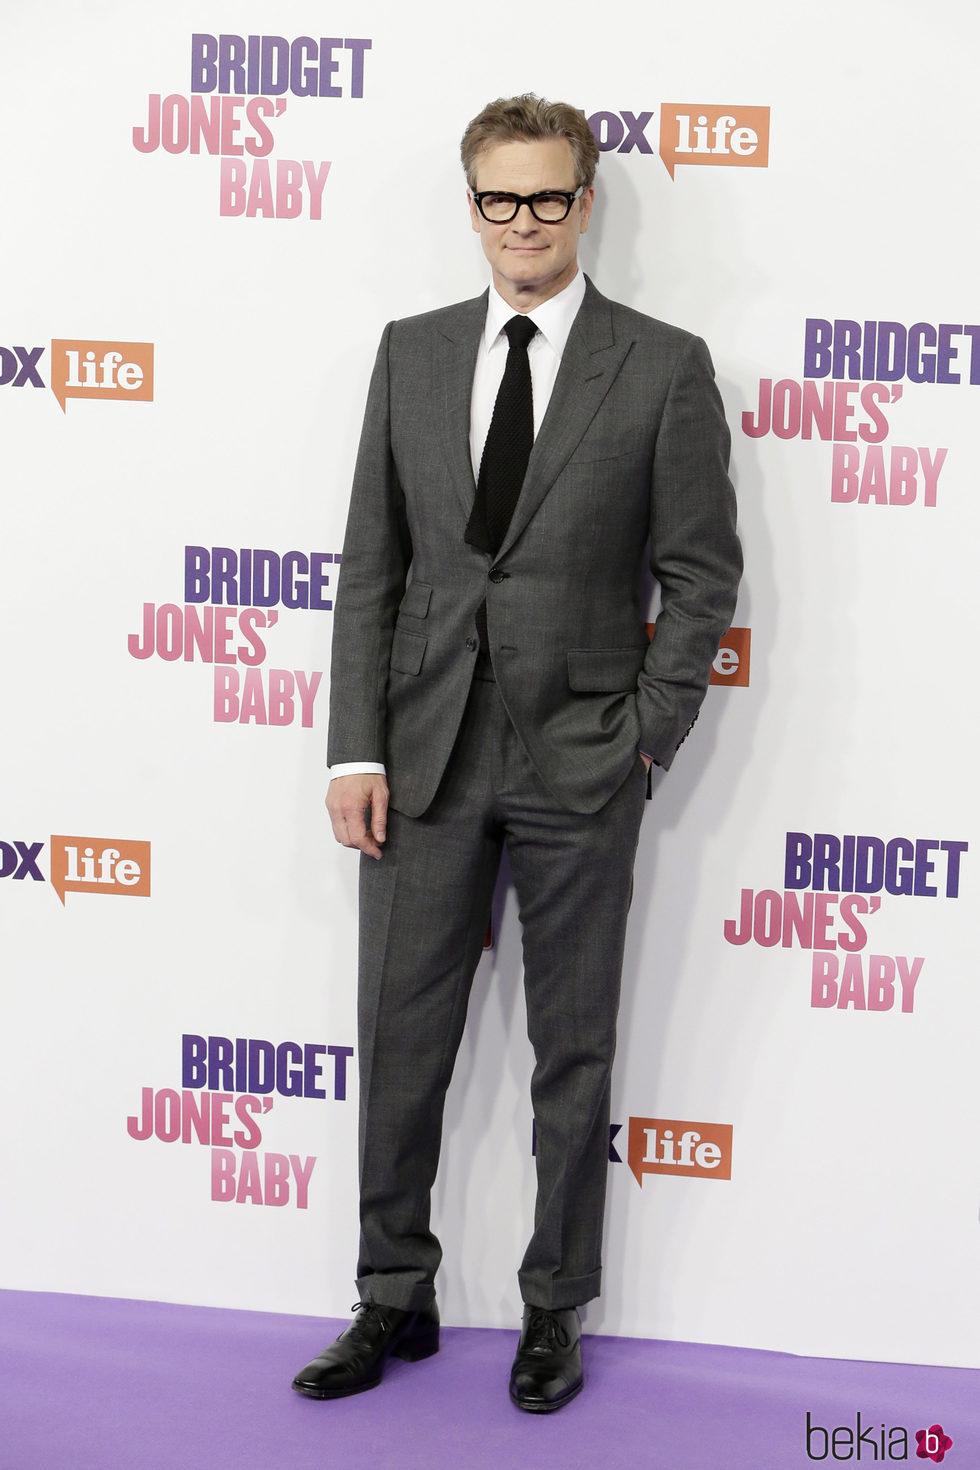 Colin Firth en el estreno de 'Bridget Jones' baby' en Madrid